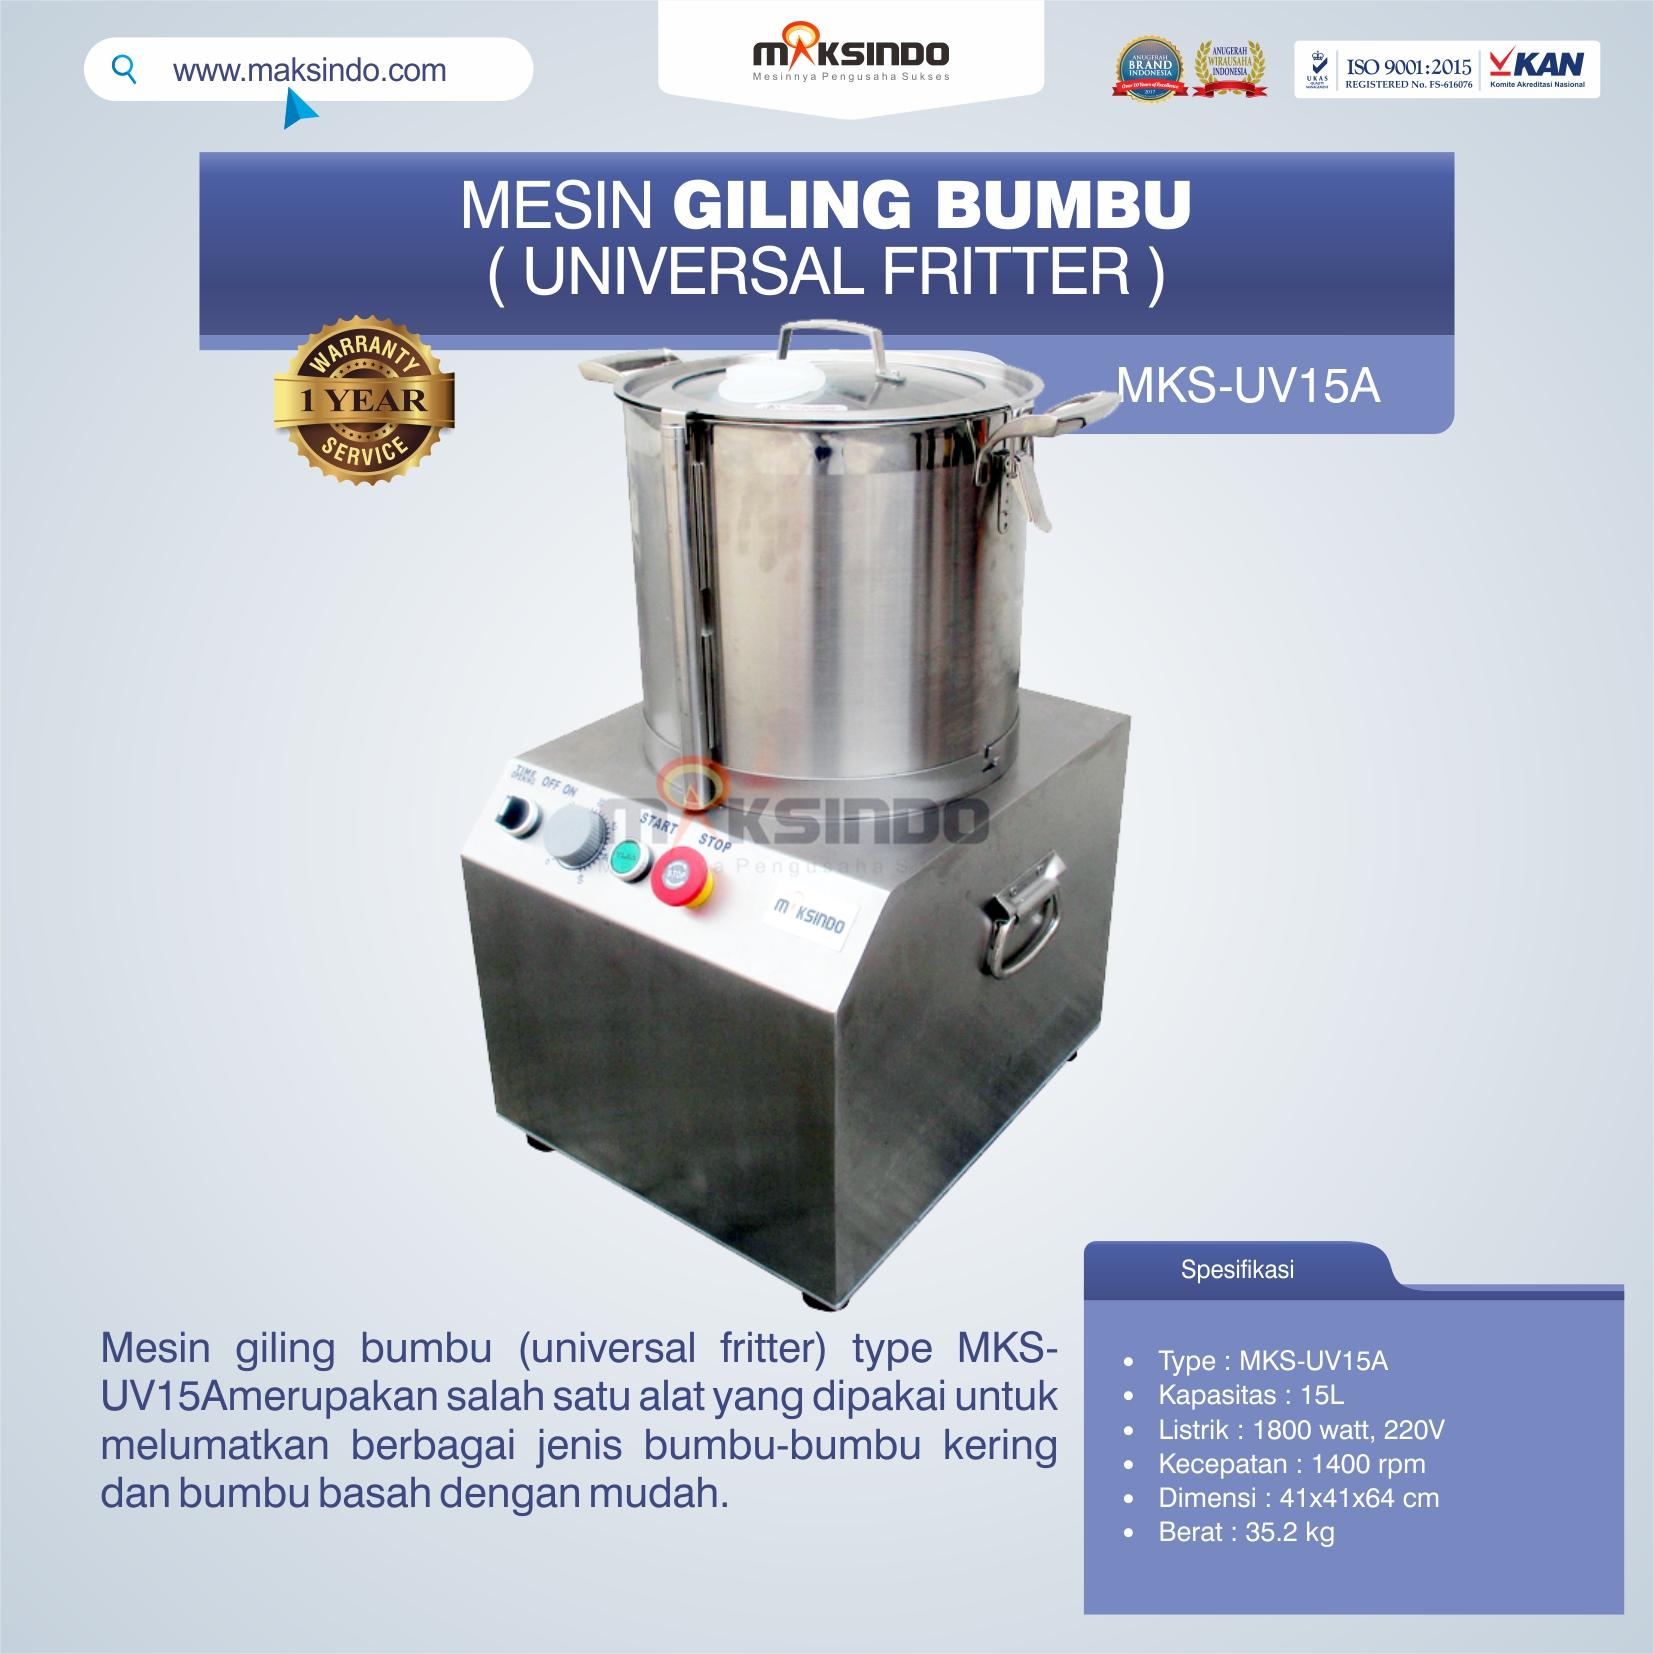 Jual Mesin Giling Bumbu (Universal Fritter) MKS-UV15A di Bogor